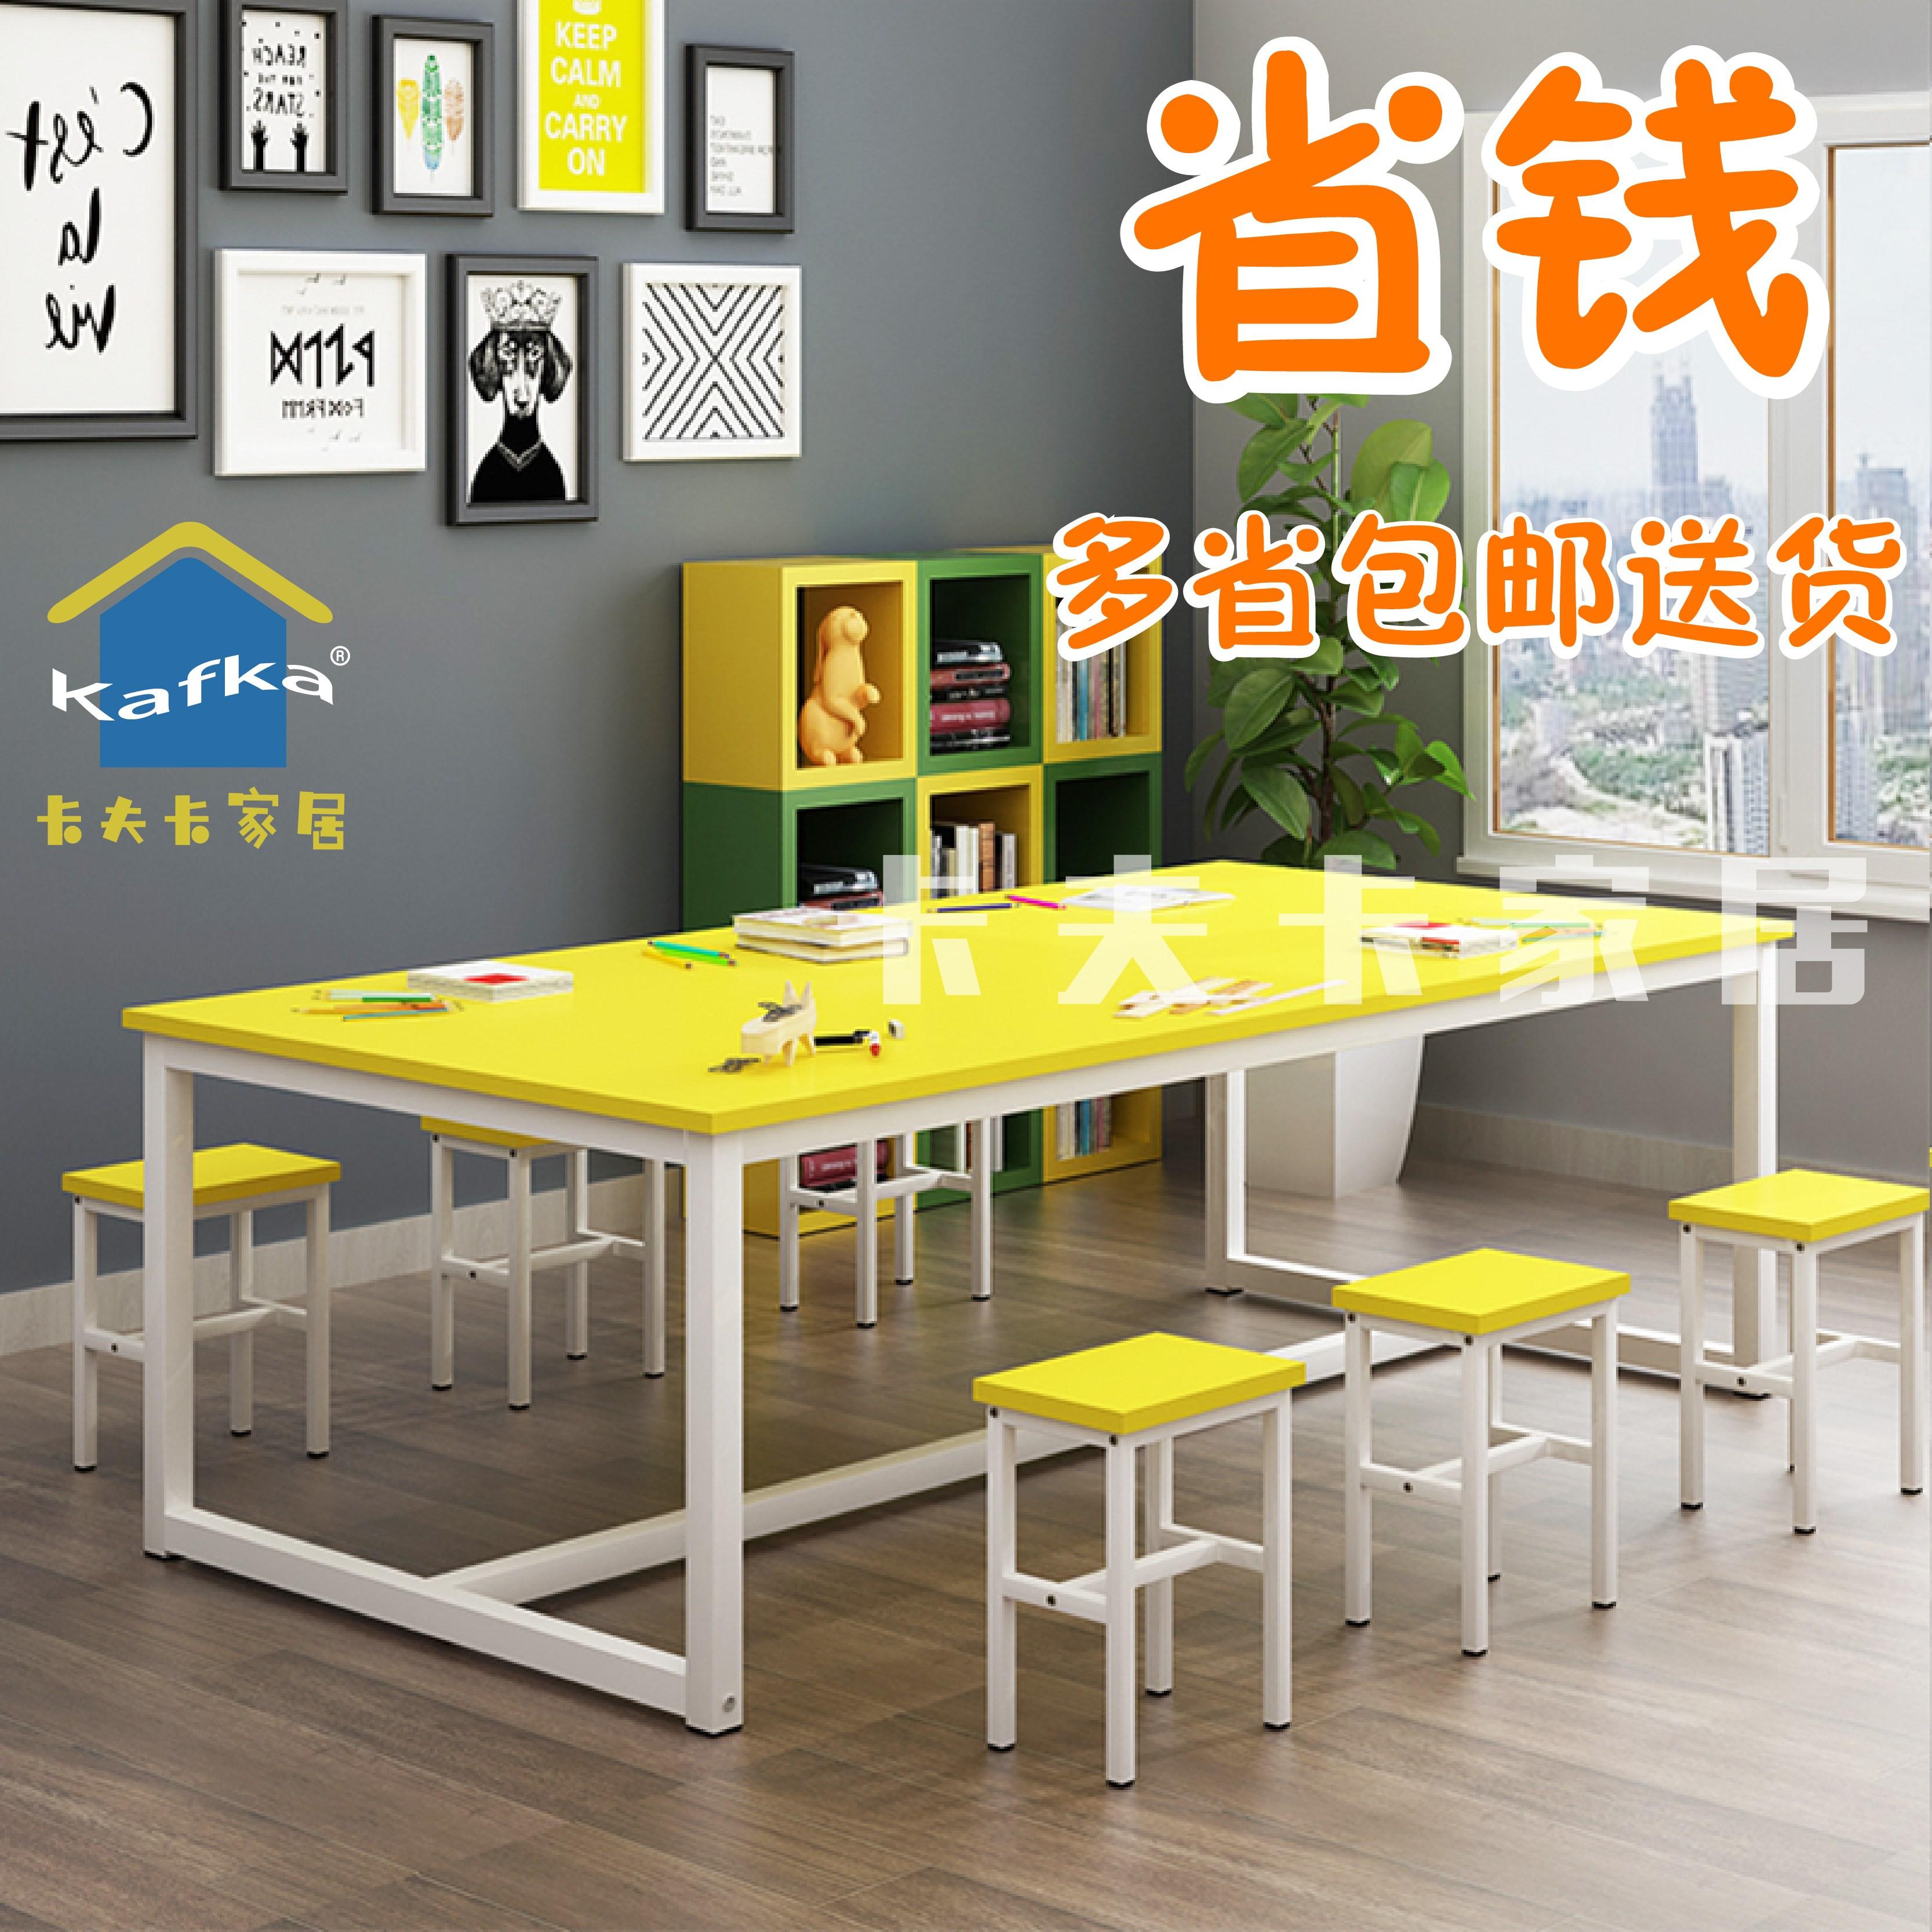 Школьная мебель Артикул 594485113244